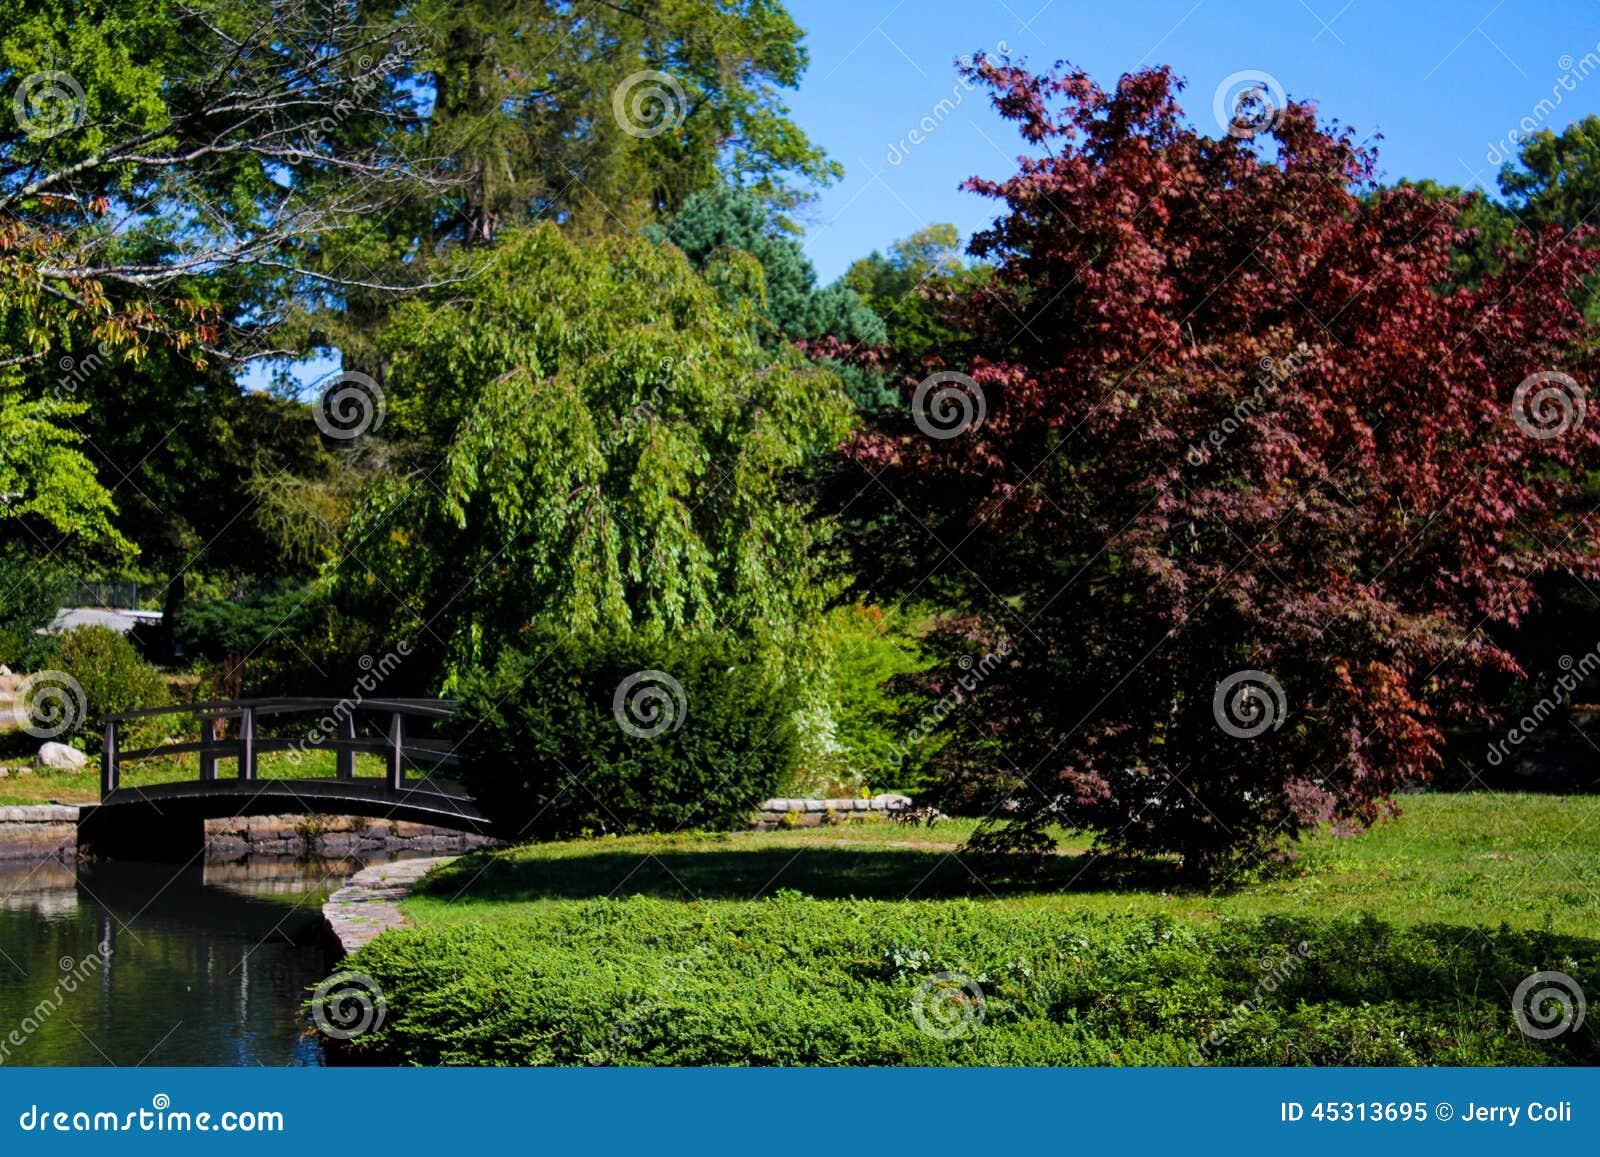 Giardini giapponesi immagini di giardini giapponesi i for Giardini giapponesi milano